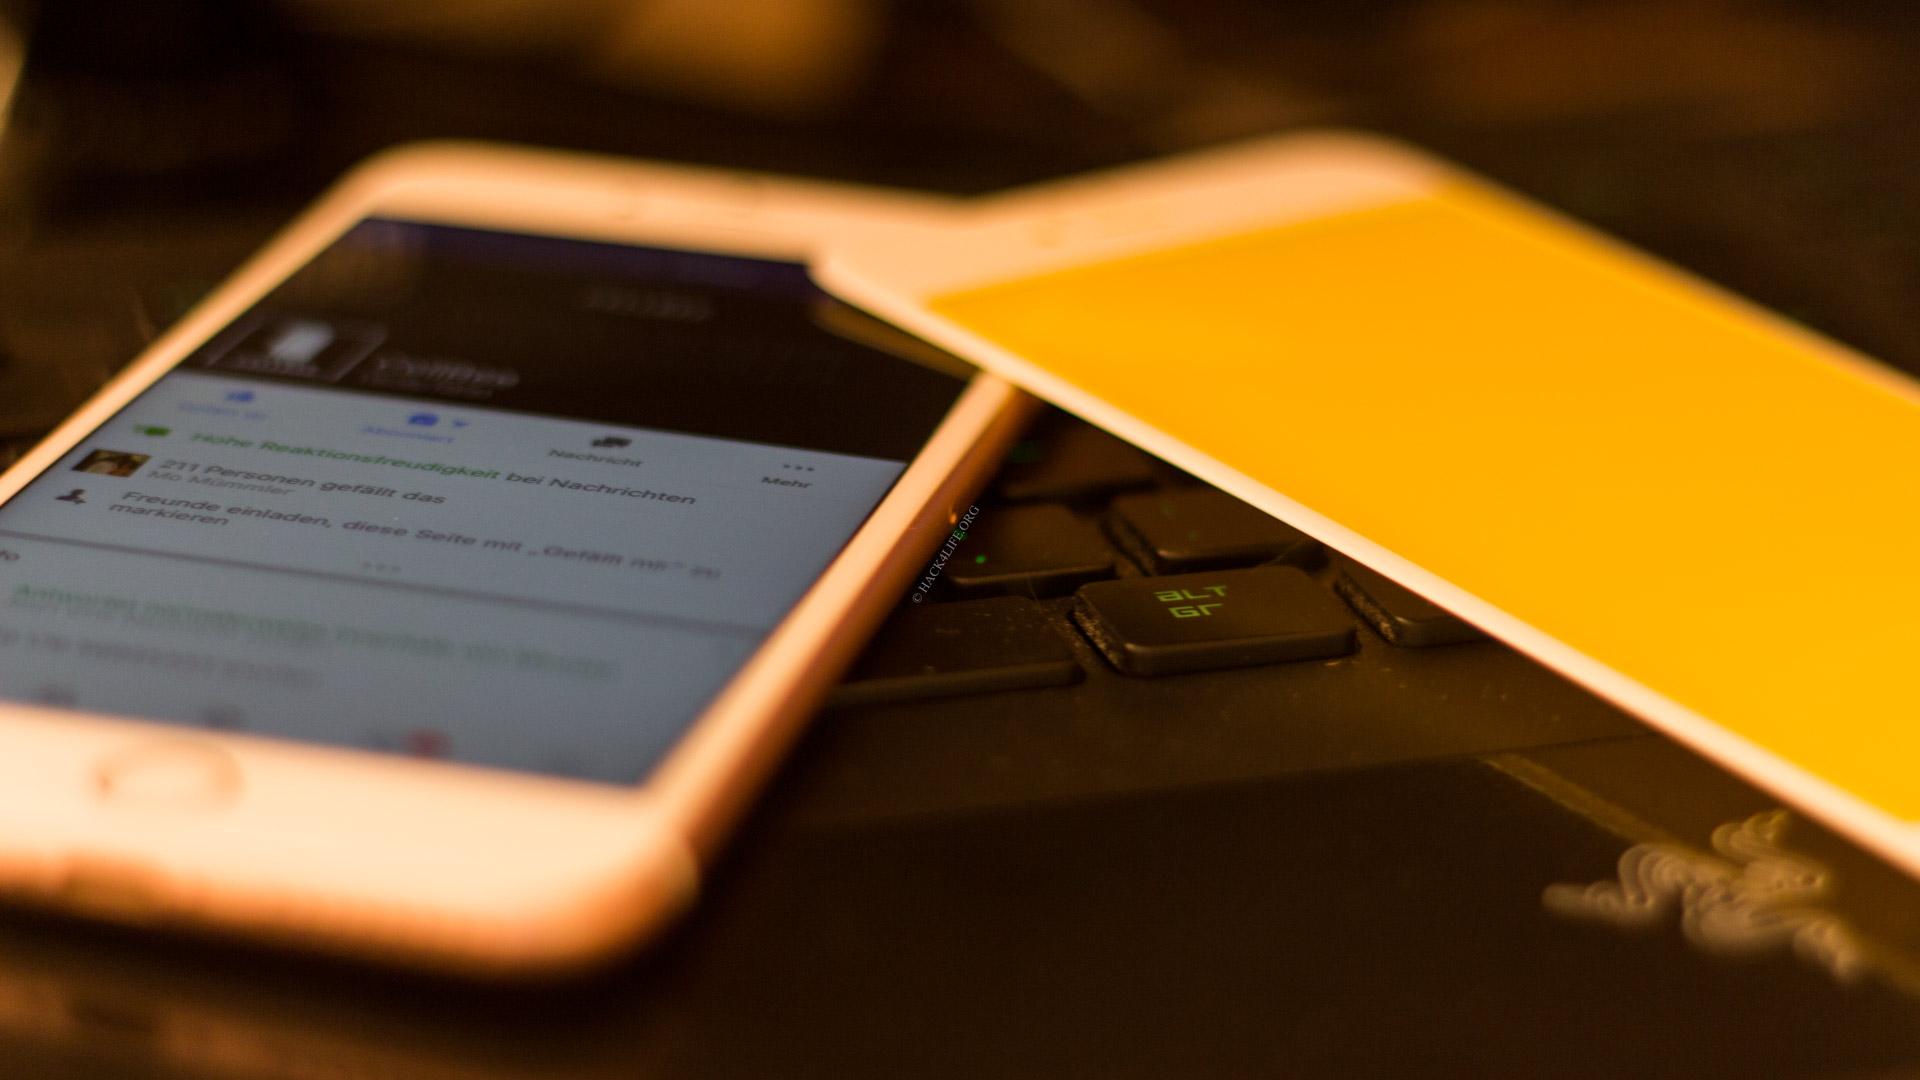 CellBee, Verpackung, Hack4Life, Fabian Geissler, Review, Meinung, Displayschutzfolie, Anbringen, Anleitung, How-To